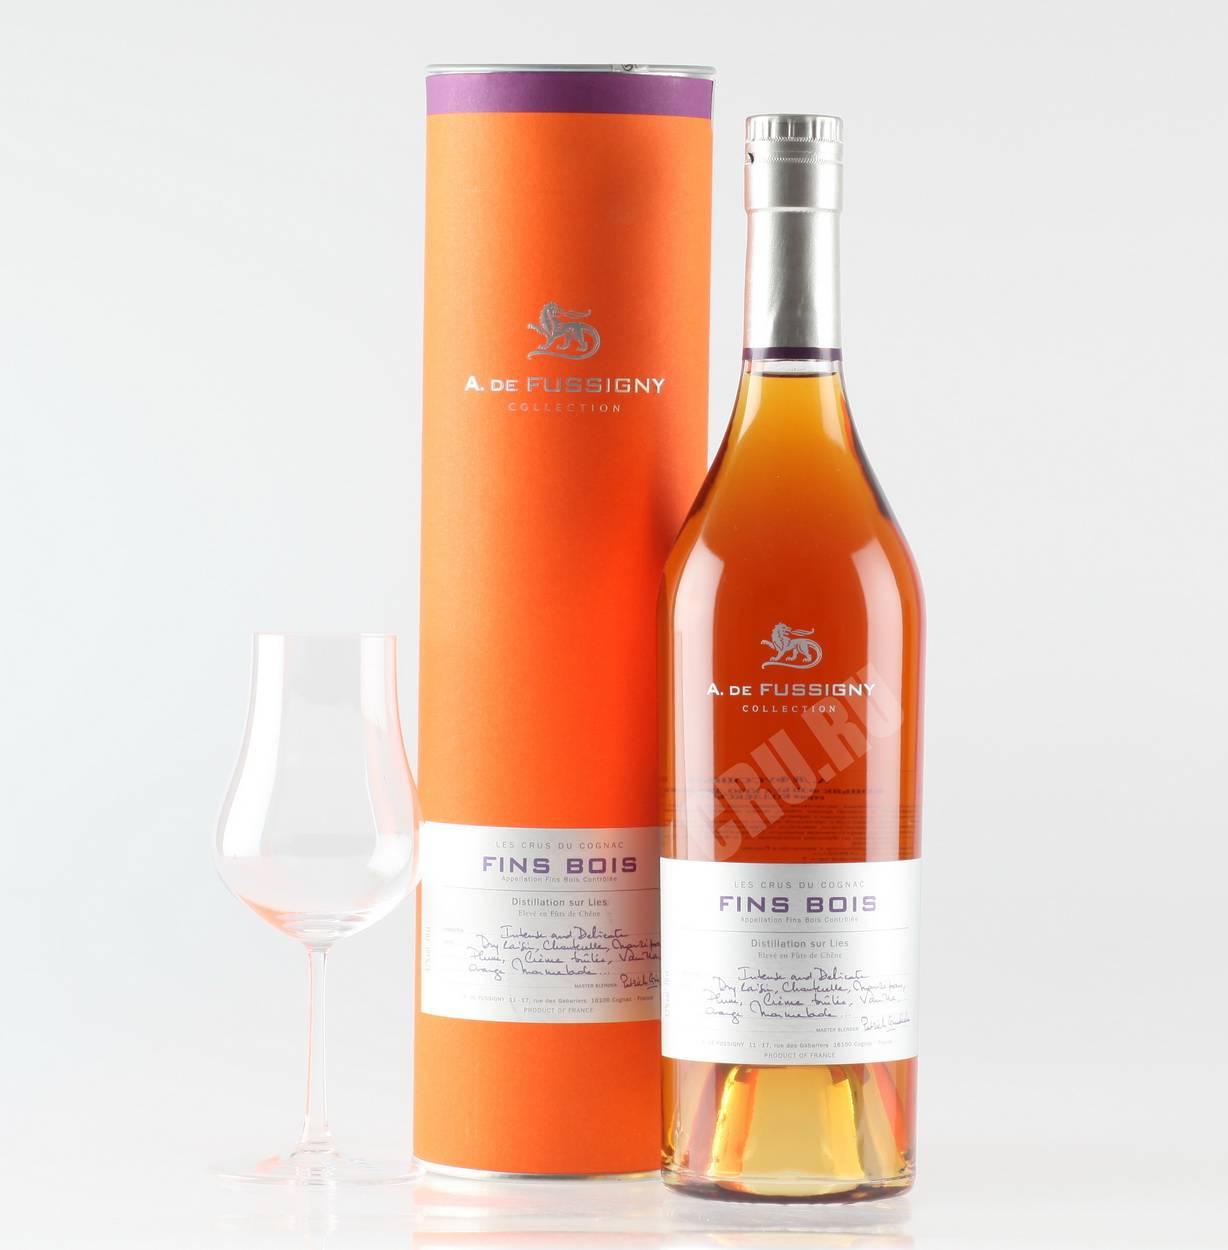 Коньяк a. de fussigny celection (а. де фюссини селекшн): виды, особенности и стоимость напитка